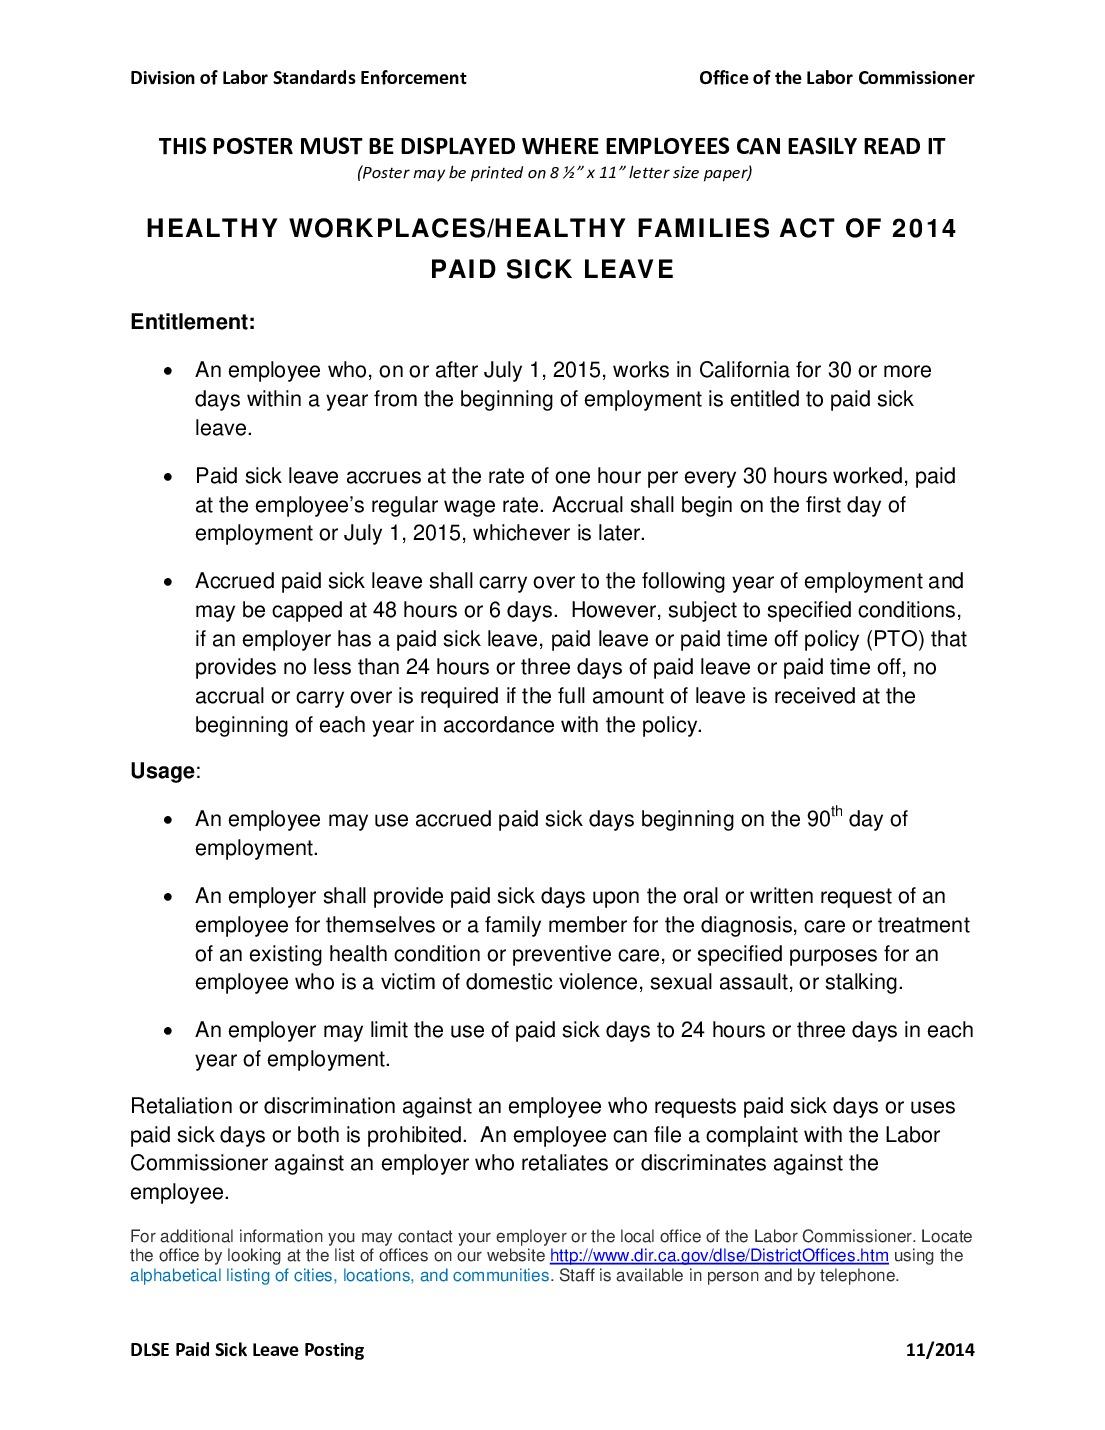 california sick leave labor law poster